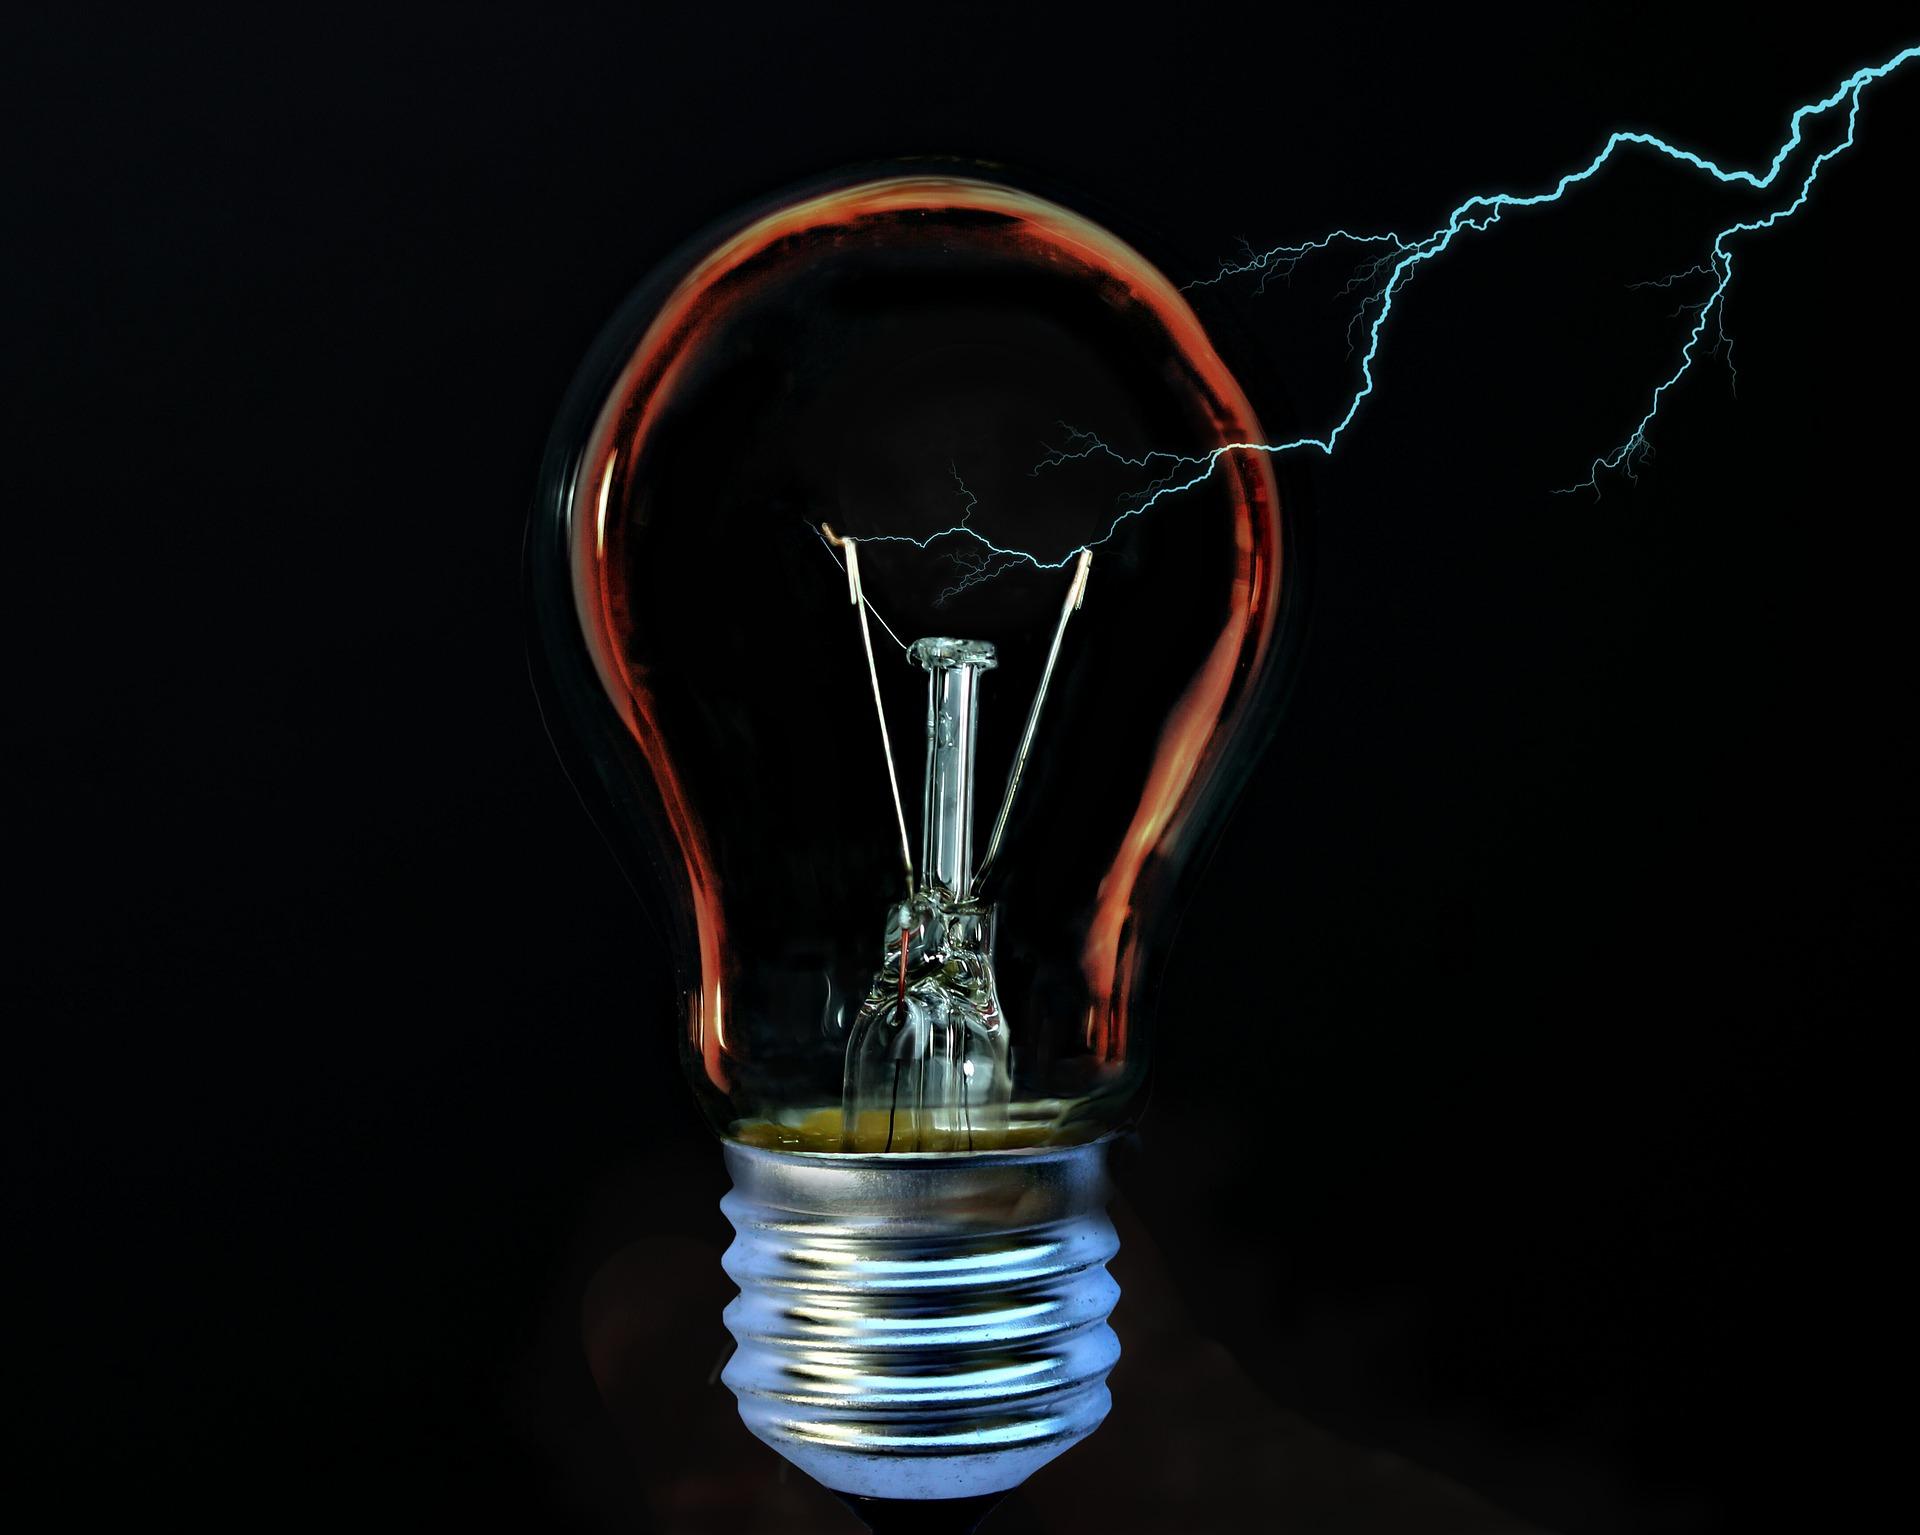 アイコスホルダーの赤ランプは故障